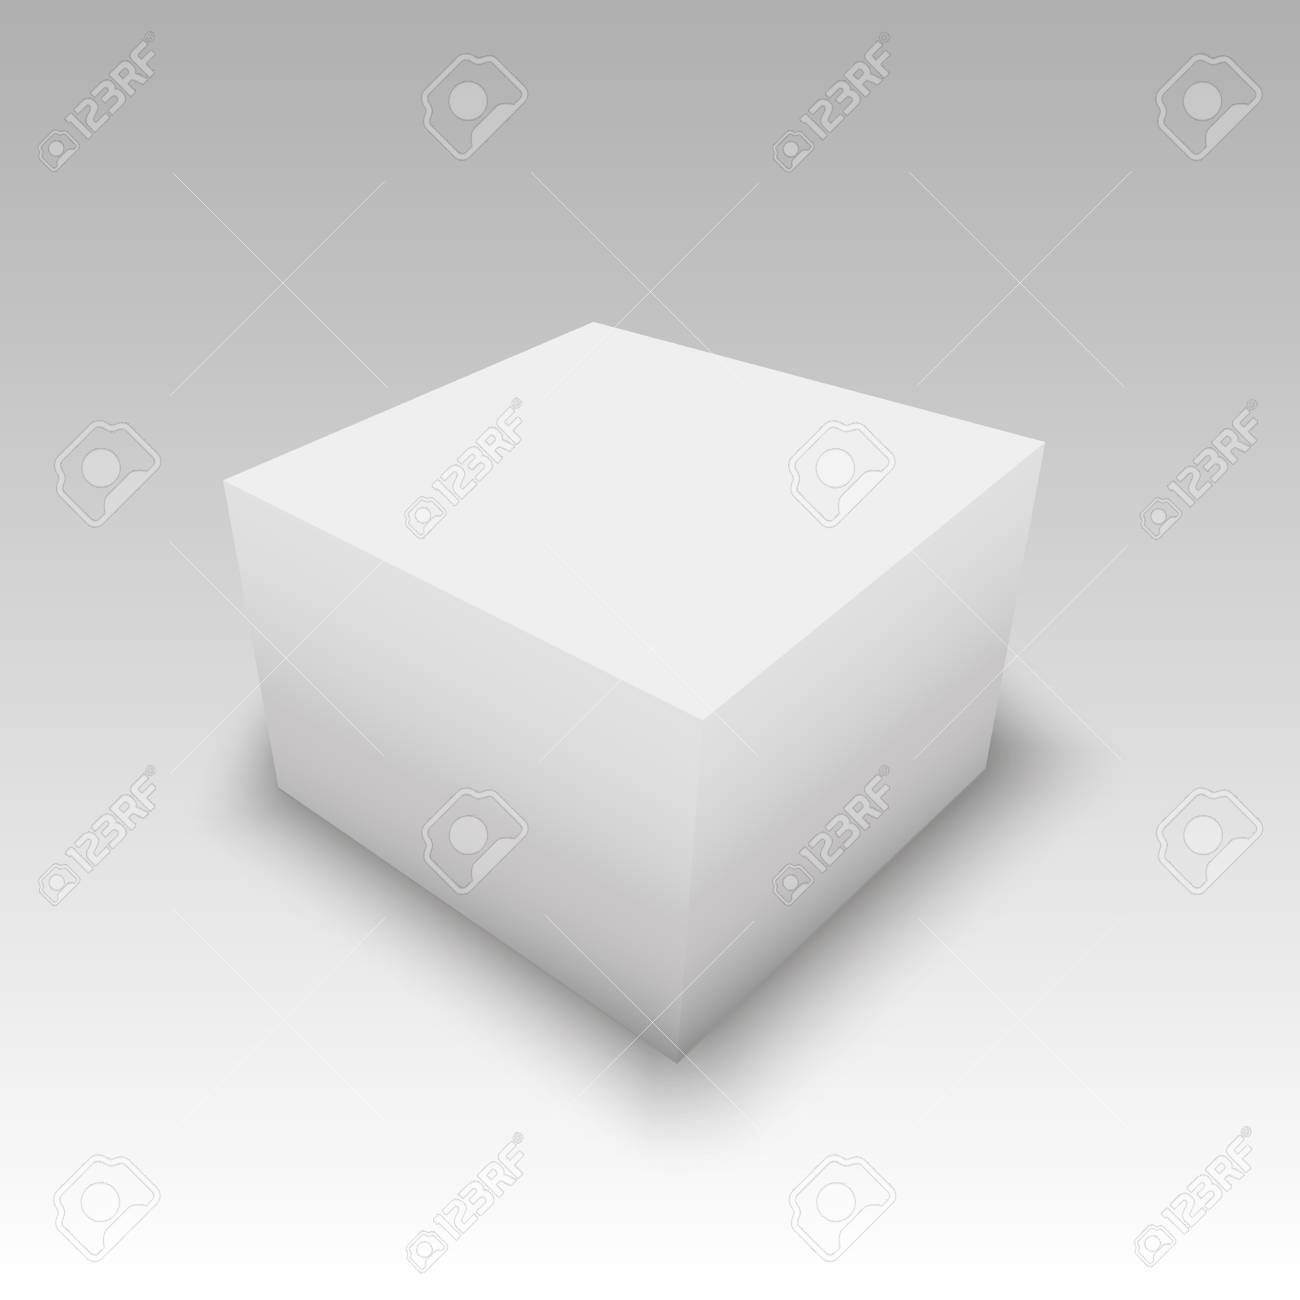 Plantilla De Caja De Cartón O Papel En Blanco. Ilustración ...